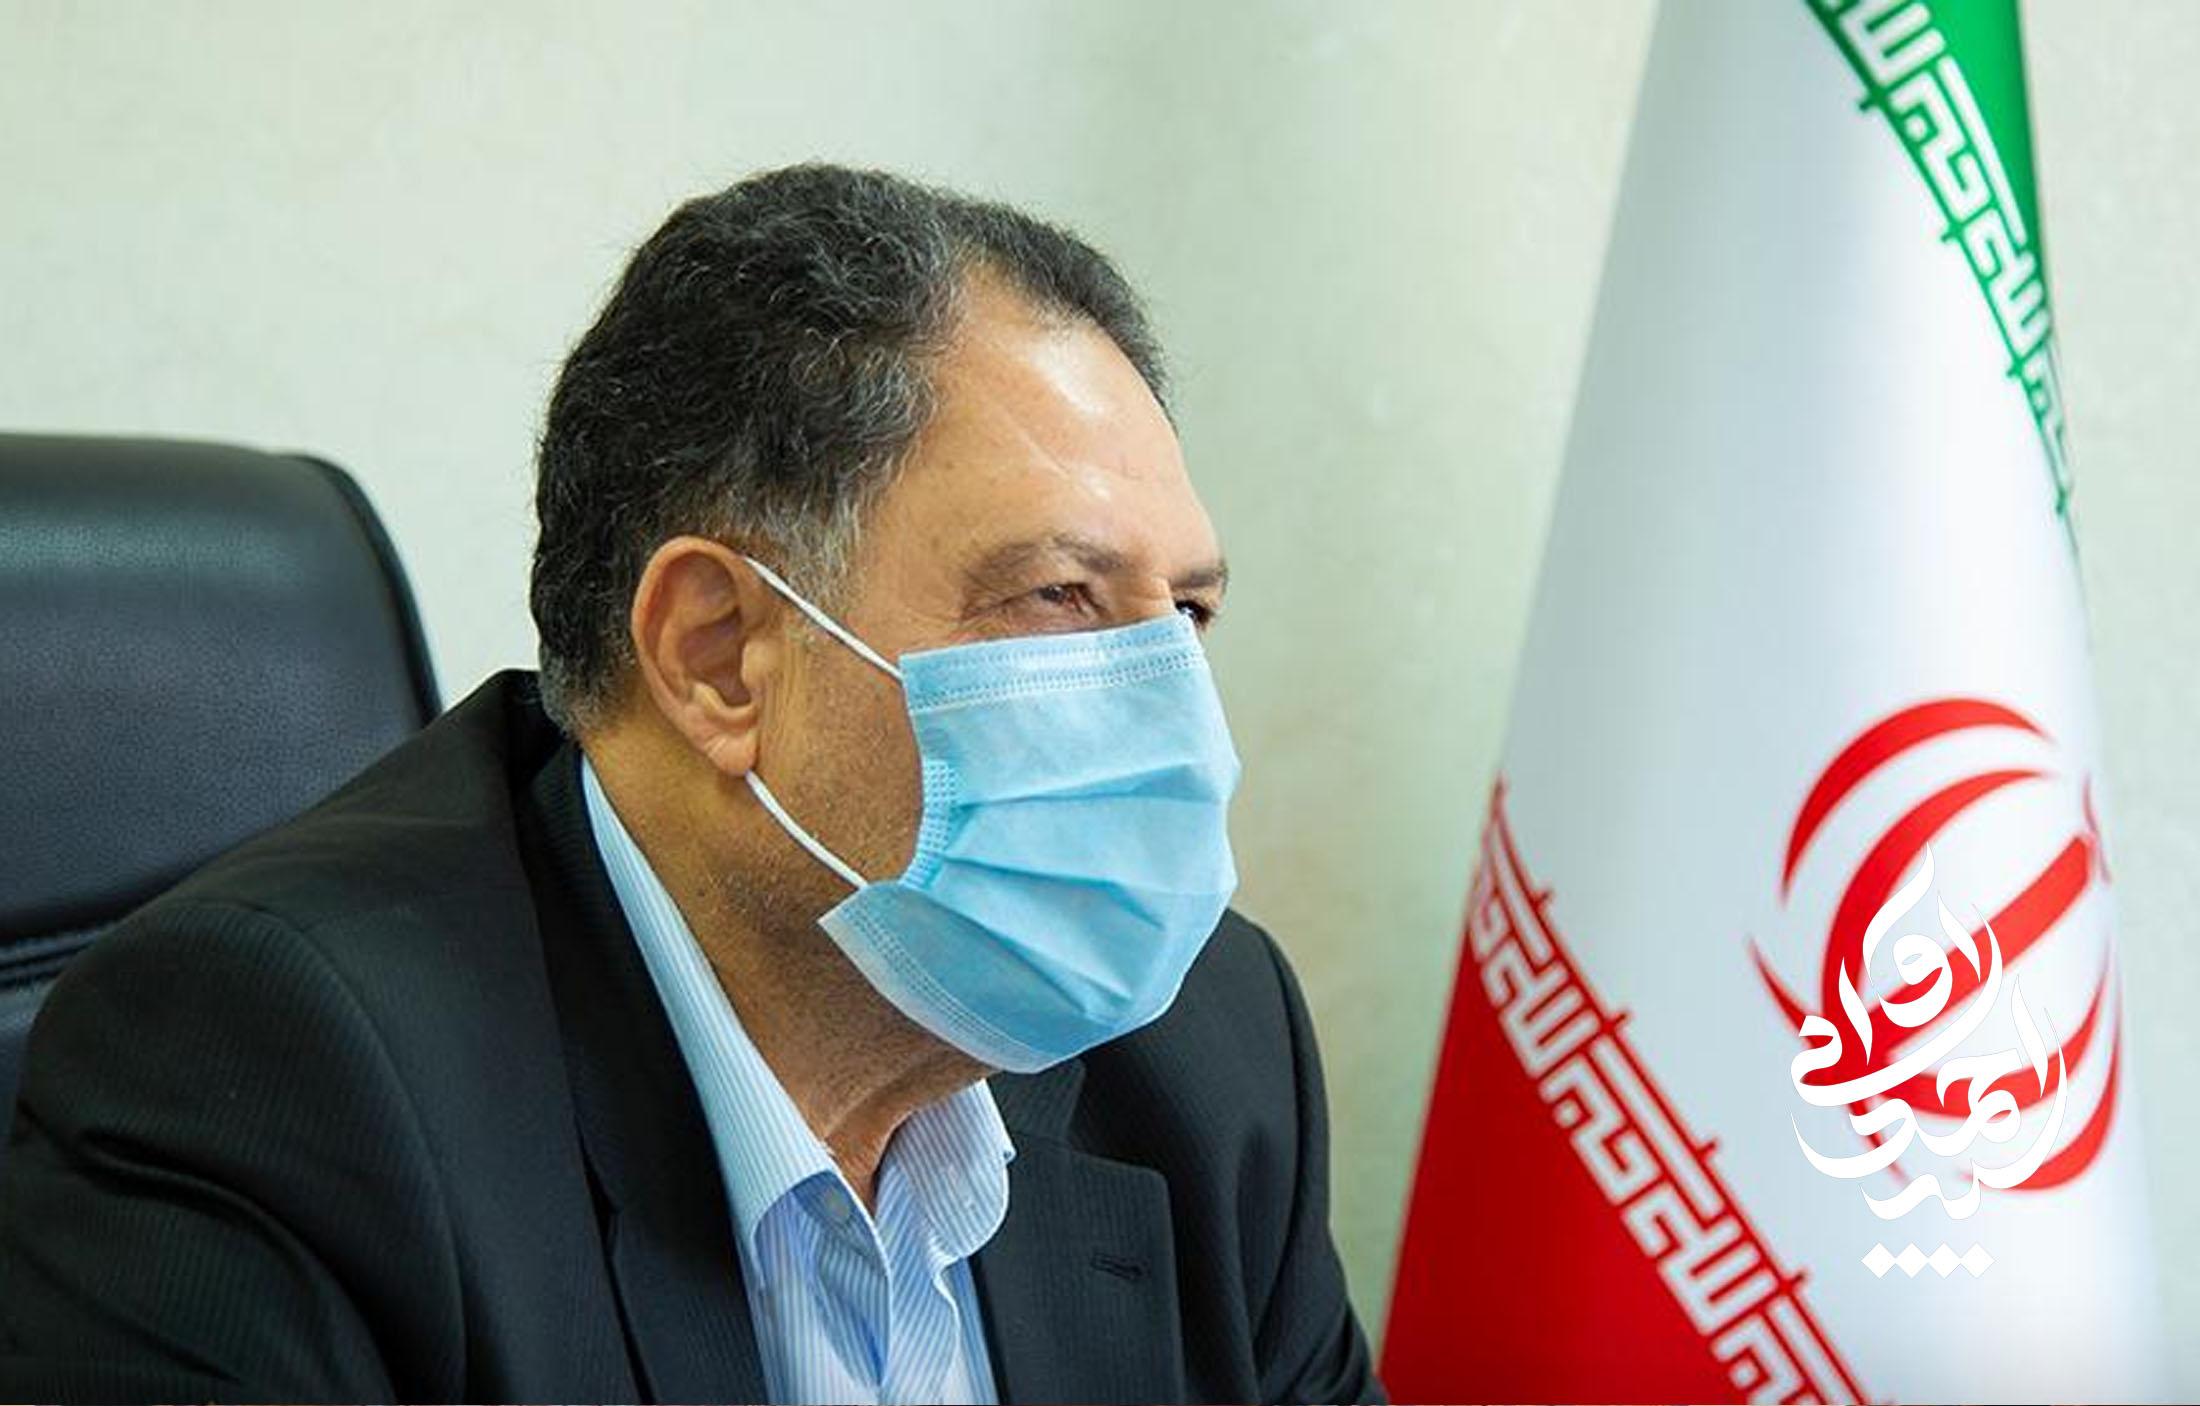 نماینده دزفول از اختصاص زمین جهت احداث کلانتری در مهرشهر خبر داد